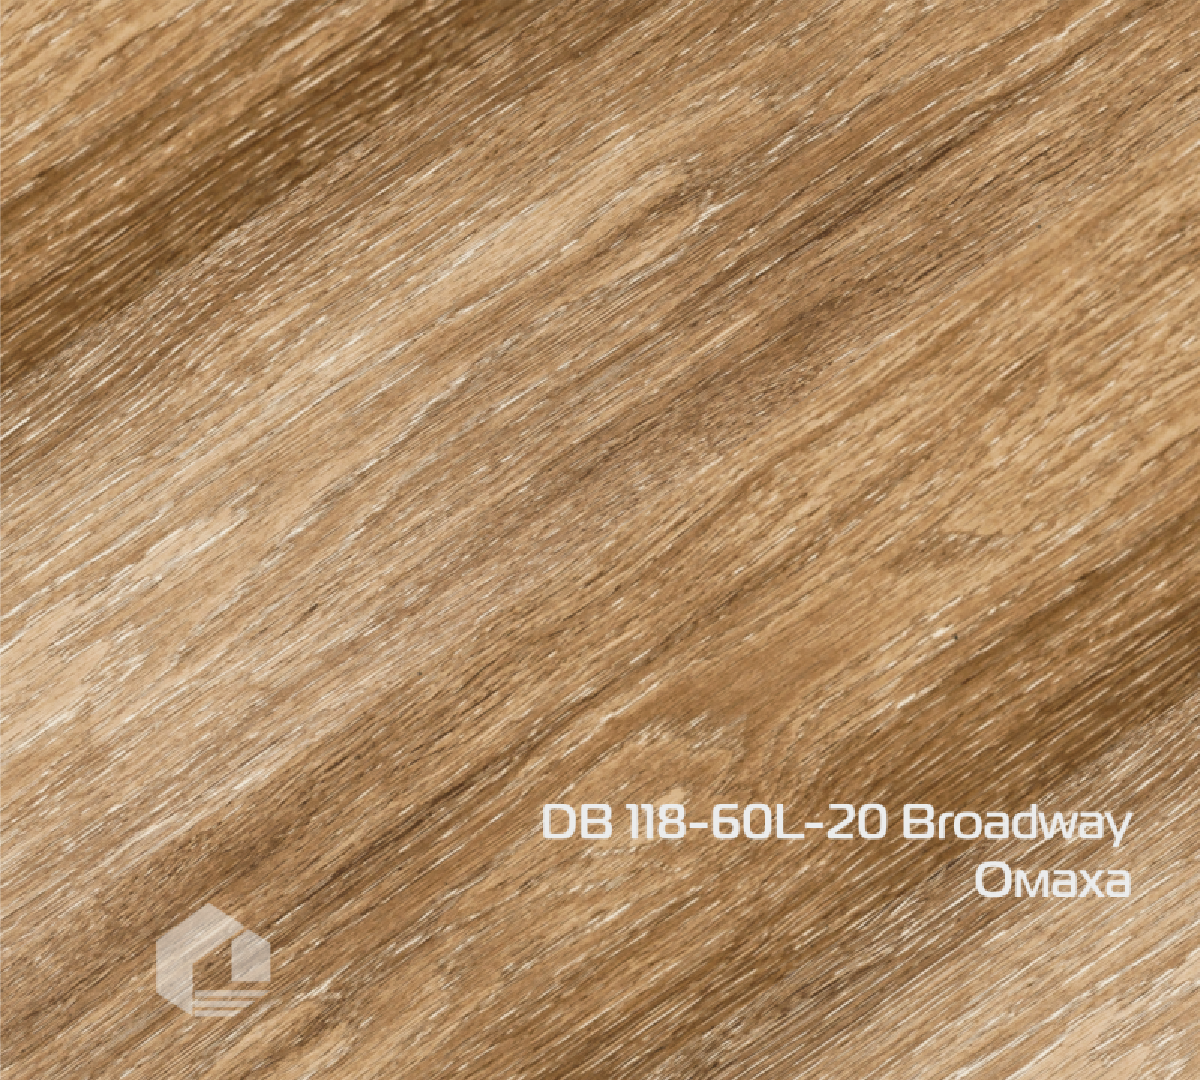 Кварцвиниловая плитка Wonderful Vinyl Floor Broadway DB 118-60L-20 Омаха